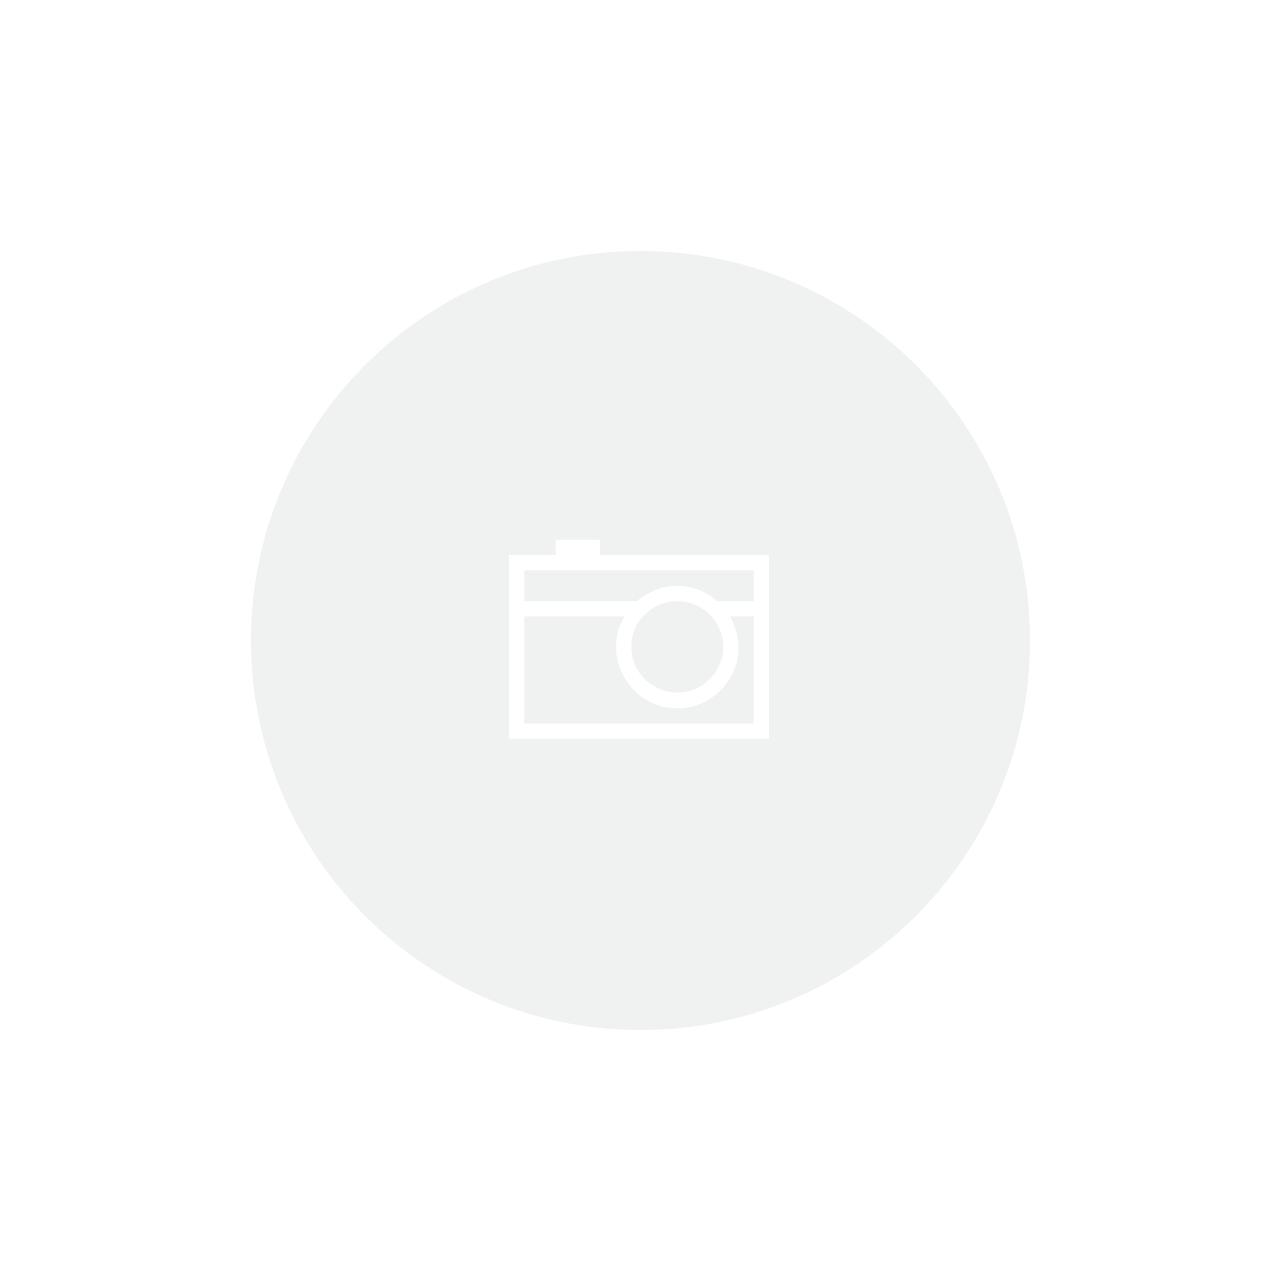 Almofada Shantung c/ Aplicação de Cordão Marrom Claro